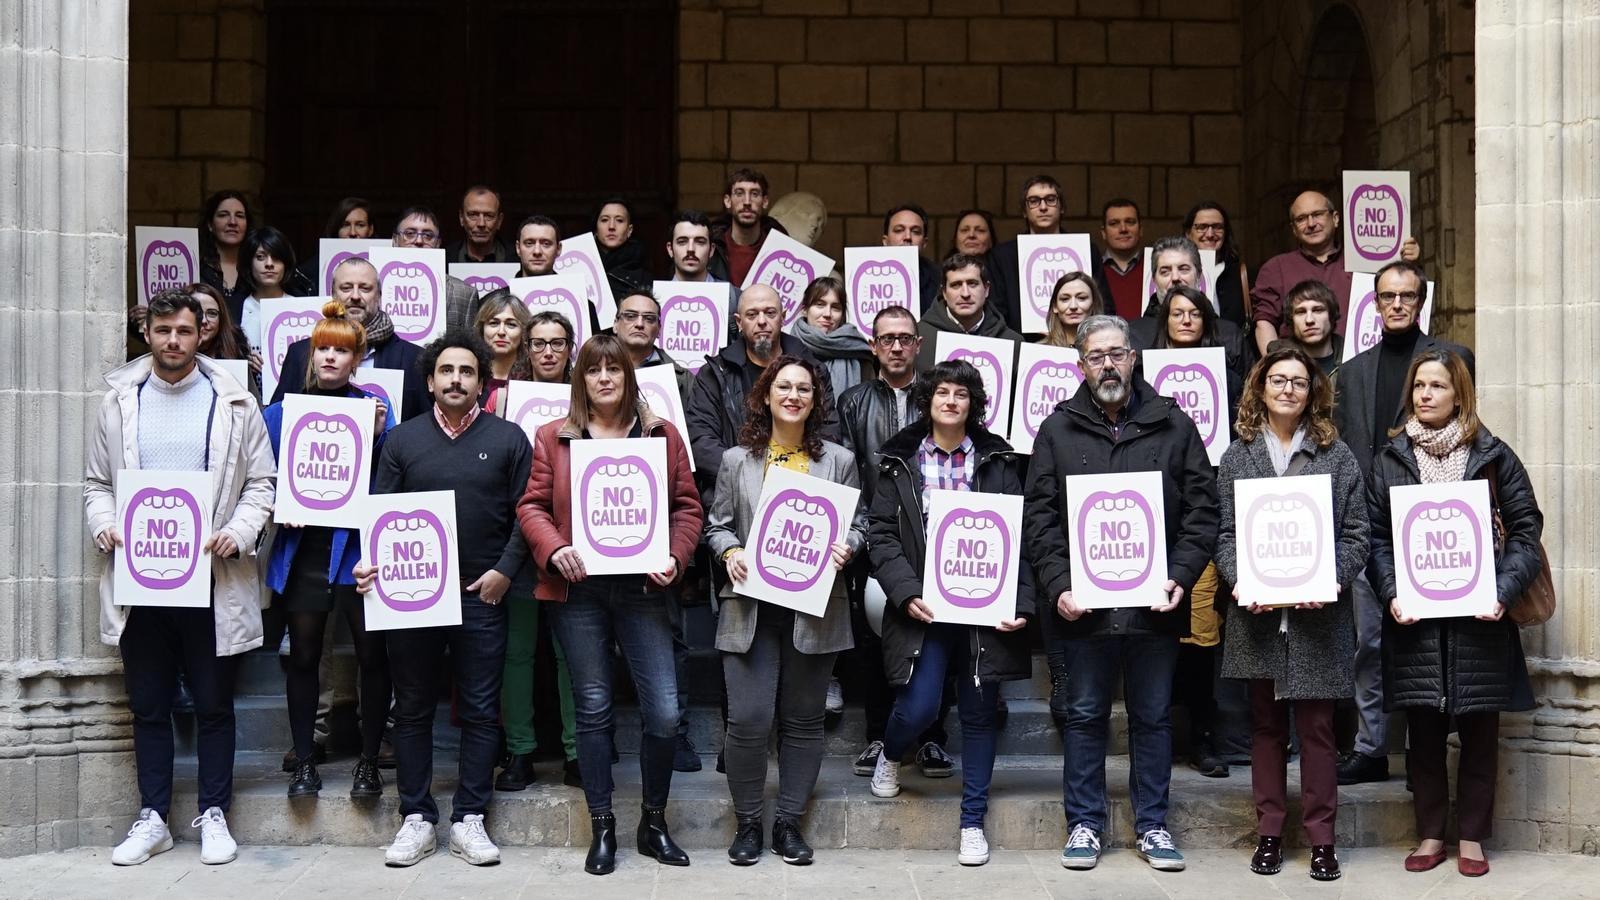 El protocol de Barcelona contra les agressions sexuals arriba a 36 espais d'oci